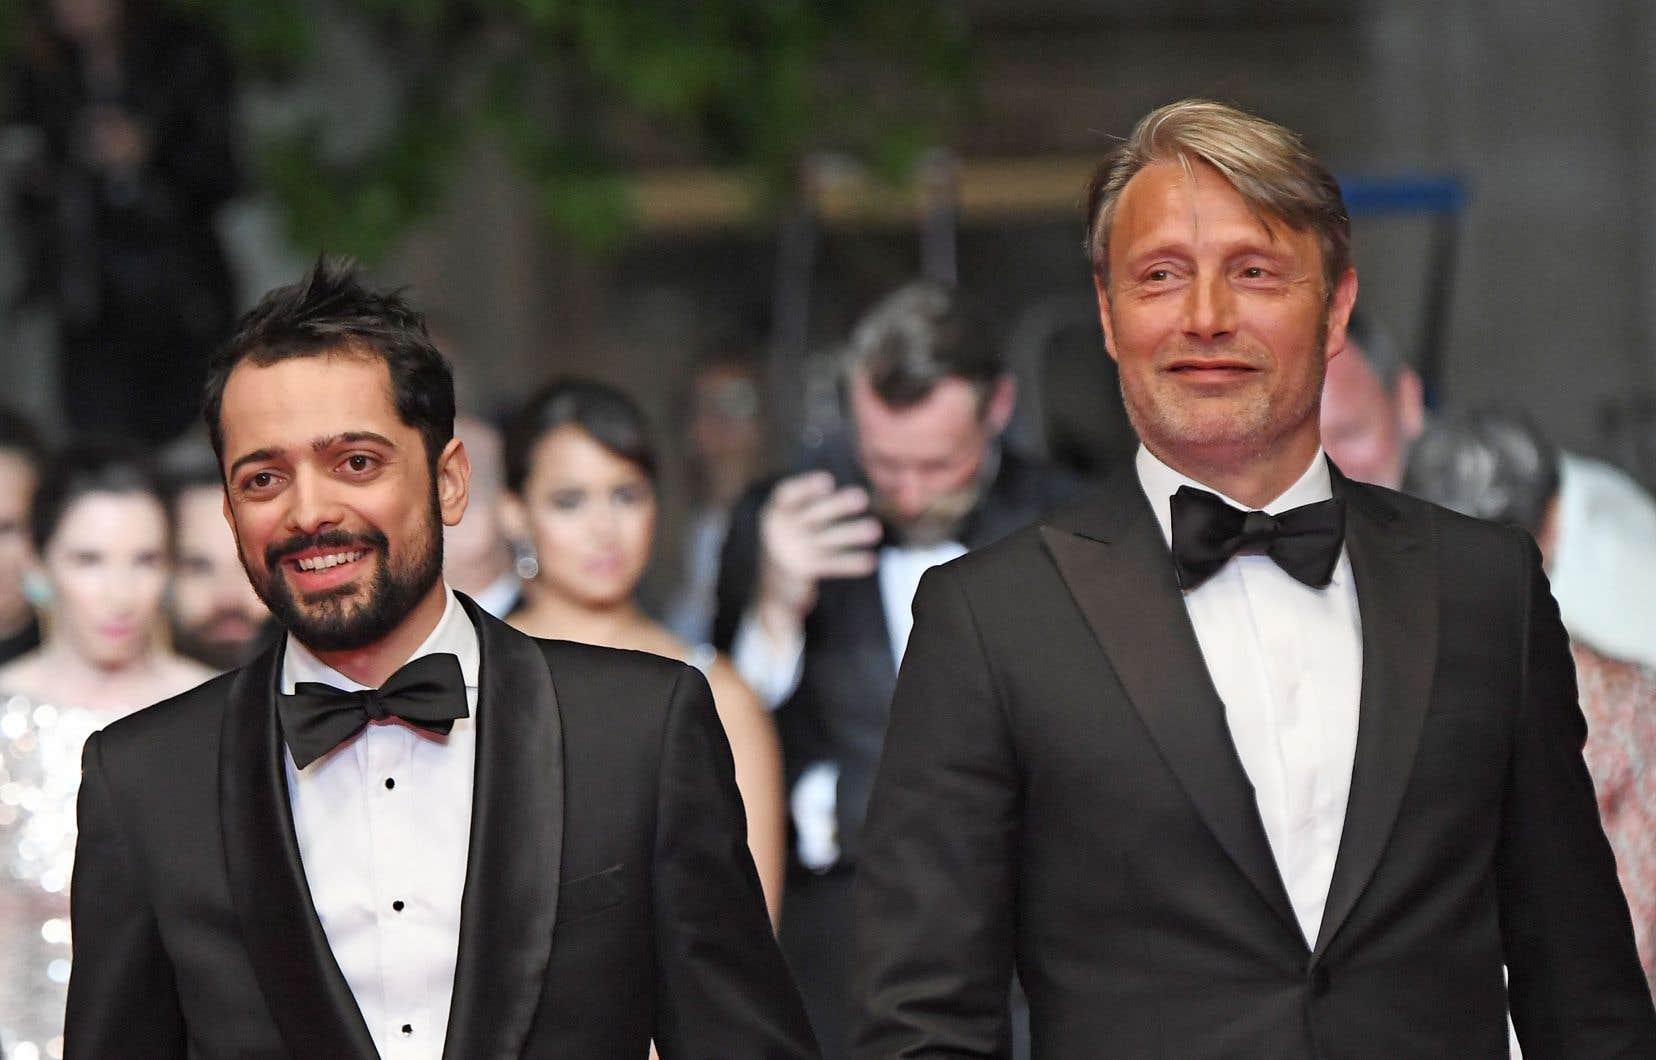 Le cinéaste brésilien Joe Penna (à gauche) et l'acteur danois Mads Mikkelsen, au Festival de Cannes, en mai dernier. «Je me pince d'avoir pu travailler avec lui, confie Penna. Il était mon premier choix, le premier acteur à qui j'ai envoyé le scénario, et il a accepté aussitôt.»